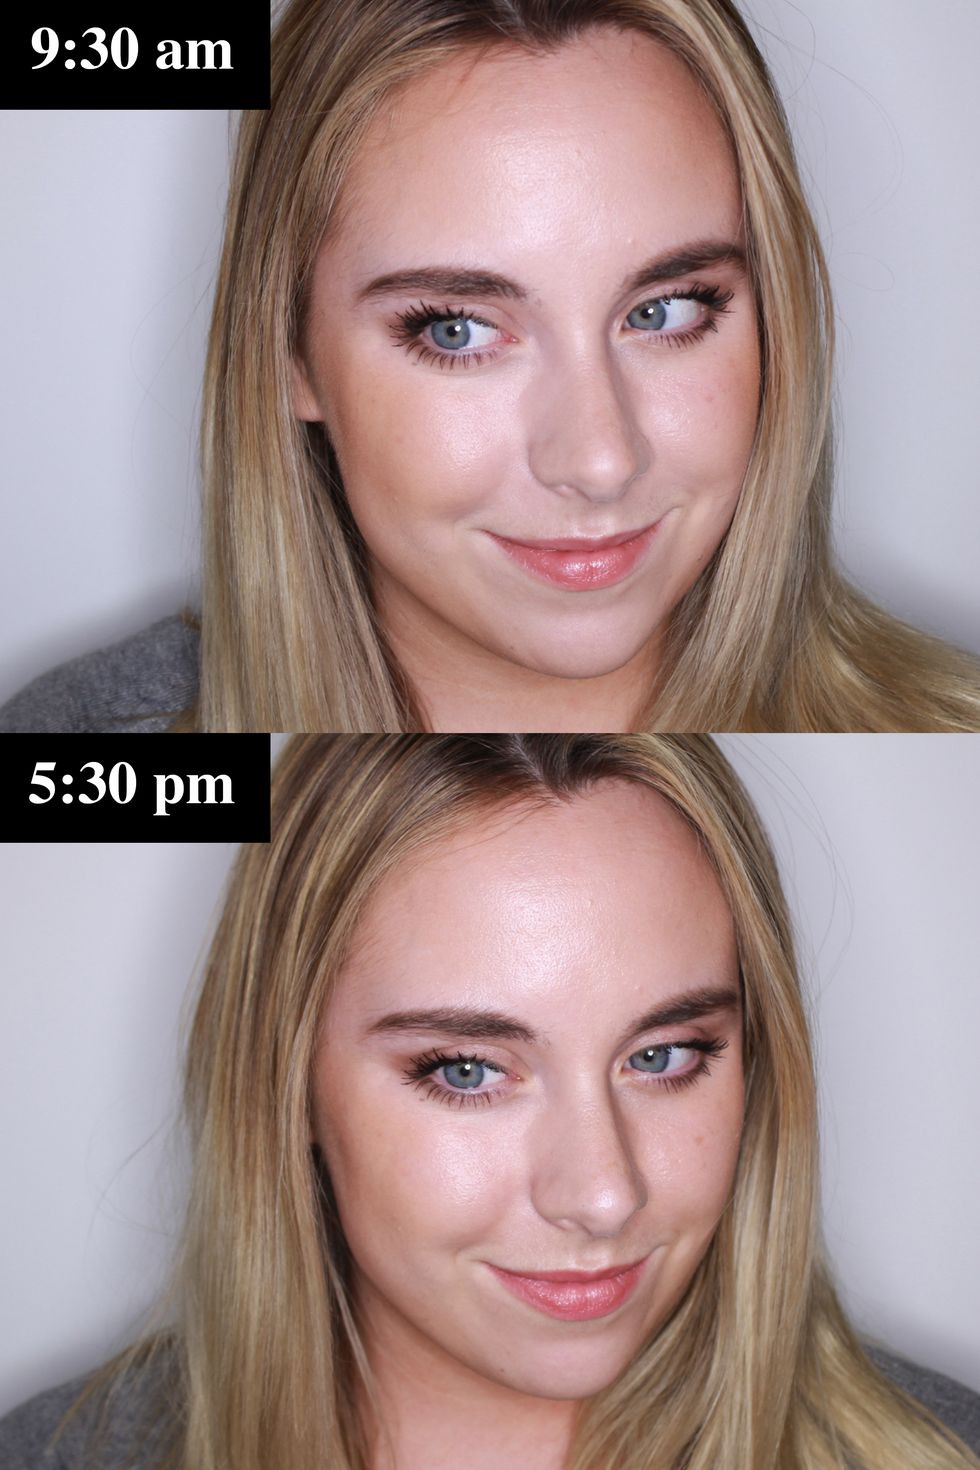 9 loại xịt trang điểm hot nhất hiện nay và review có tâm từ các beauty editor sẽ giúp bạn tìm ra sản phẩm hoàn hảo cho mình - Ảnh 17.